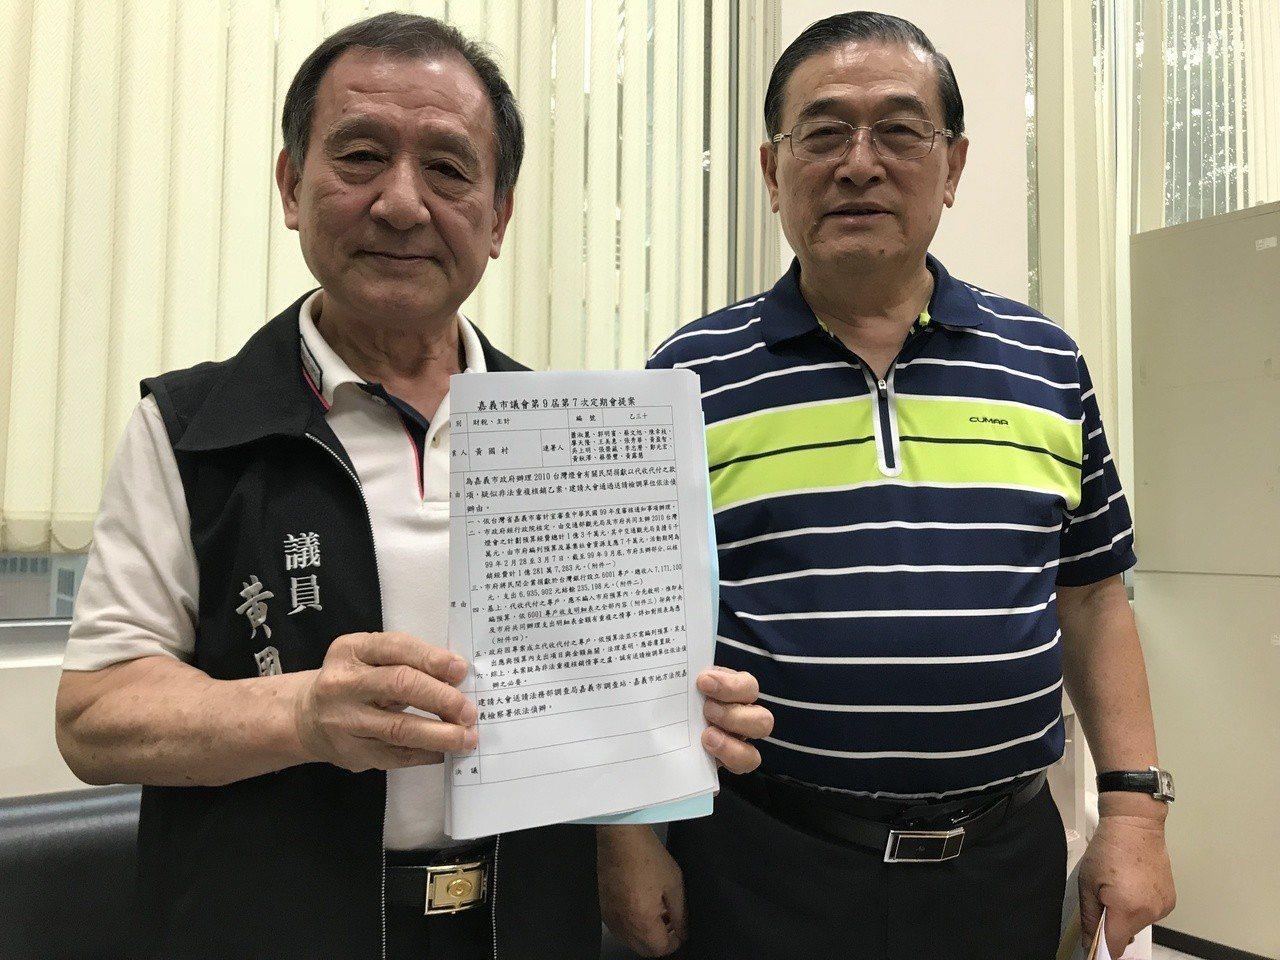 嘉義市議員黃國村(左)針對2010年市府辦理台灣燈會疑似非法重複核銷及LED燈採...